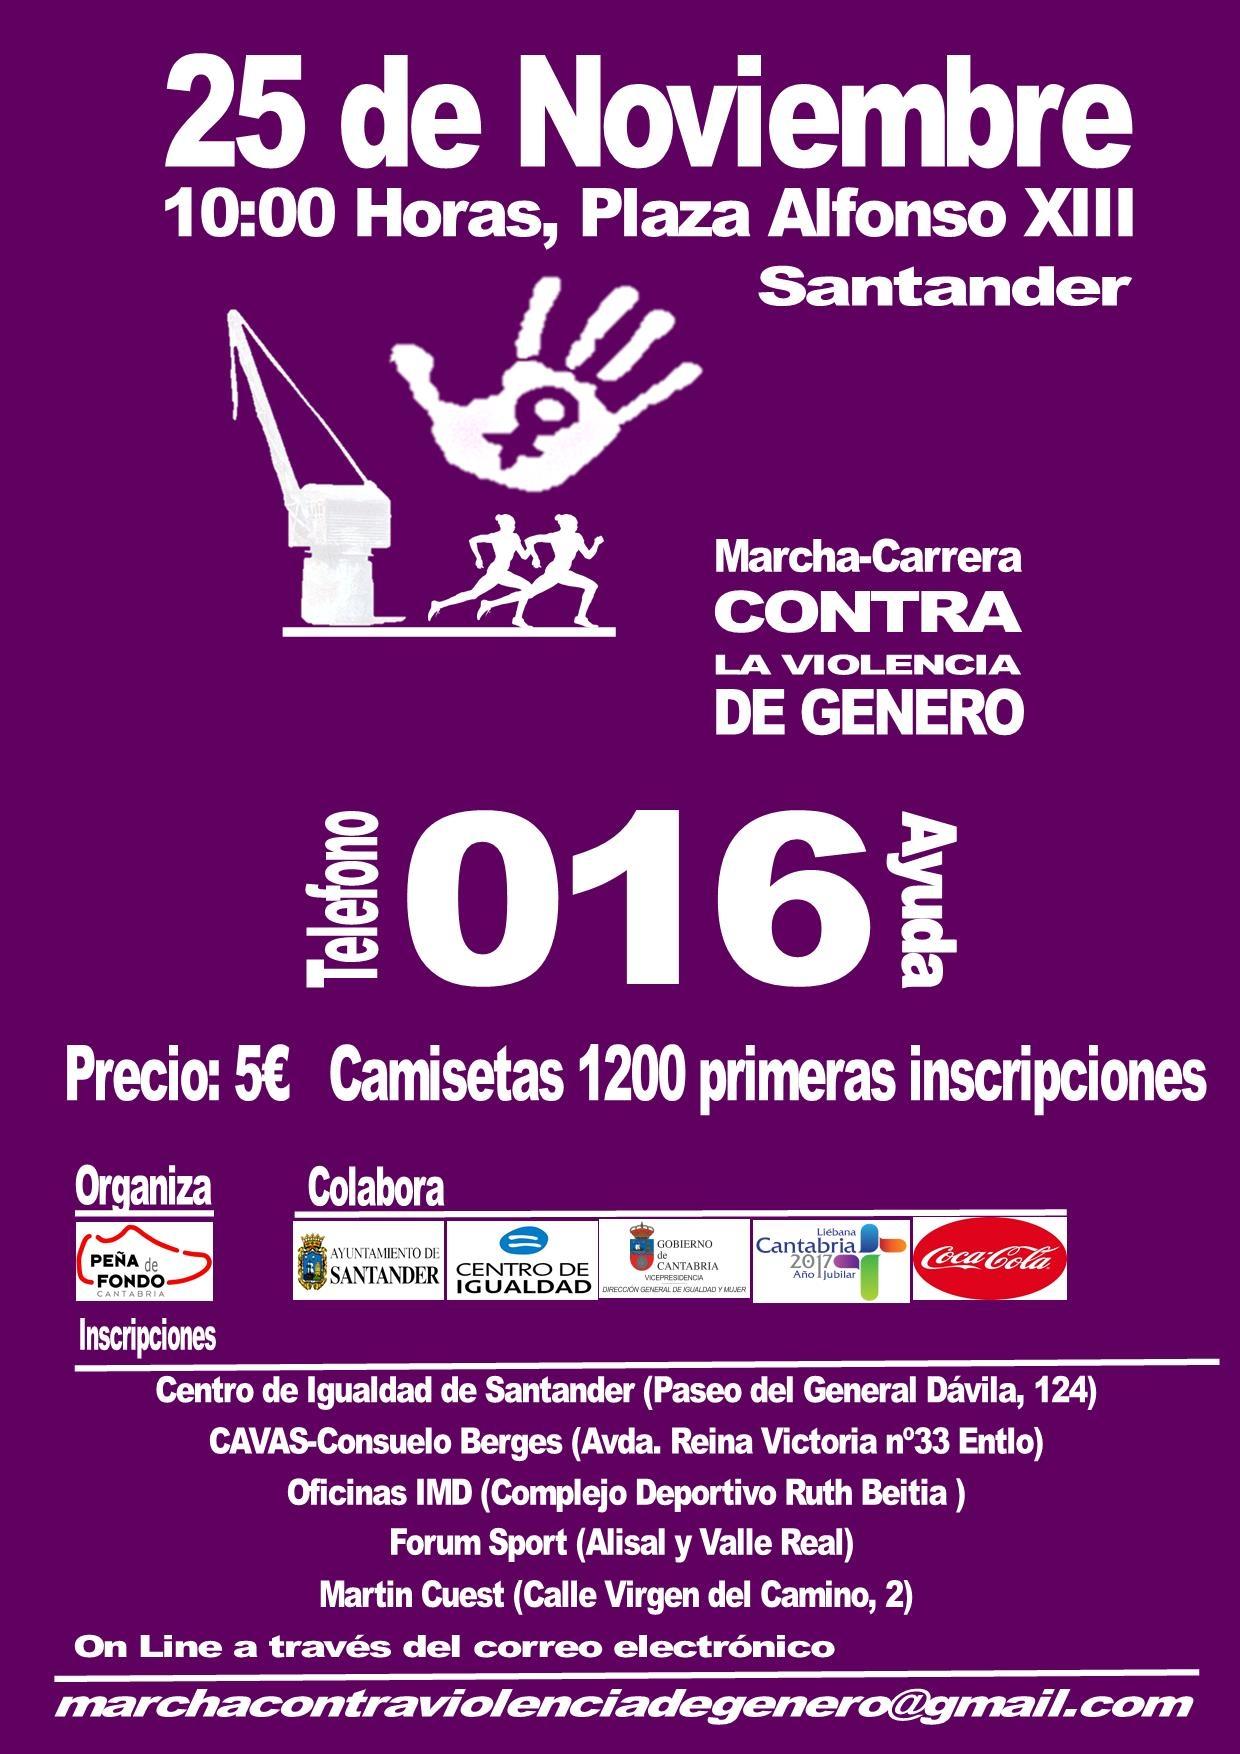 Más de 500 personas se han inscrito en la I Marcha-Carrera contra la Violencia de Género de Santander